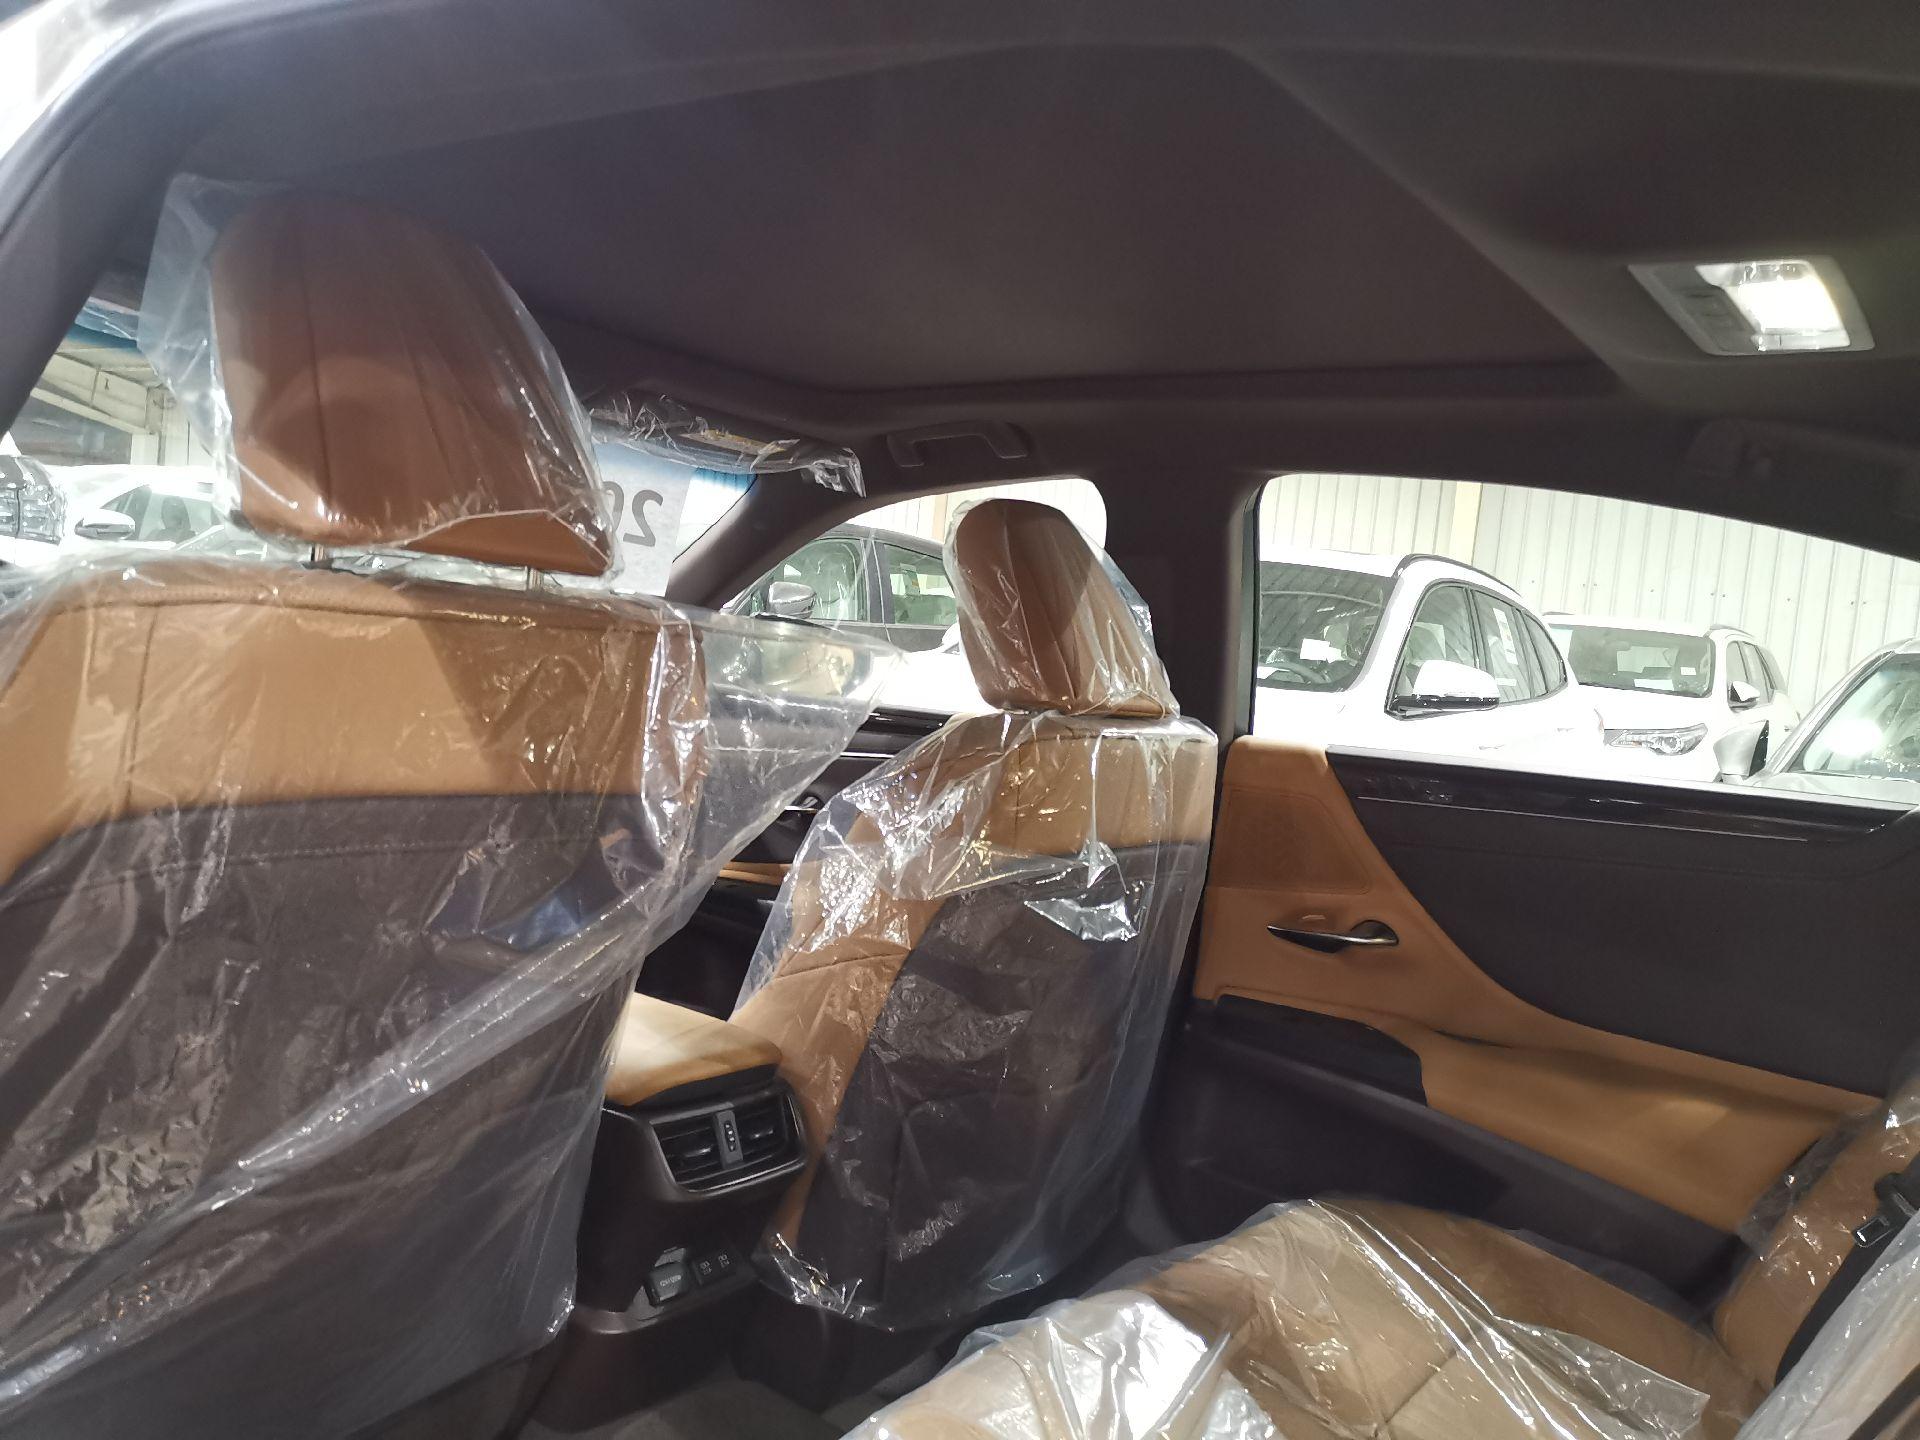 مباع - لكزس ES350-CC بريمي 2020 نص فل جديد للبيع في الرياض - السعودية - صورة كبيرة - 5